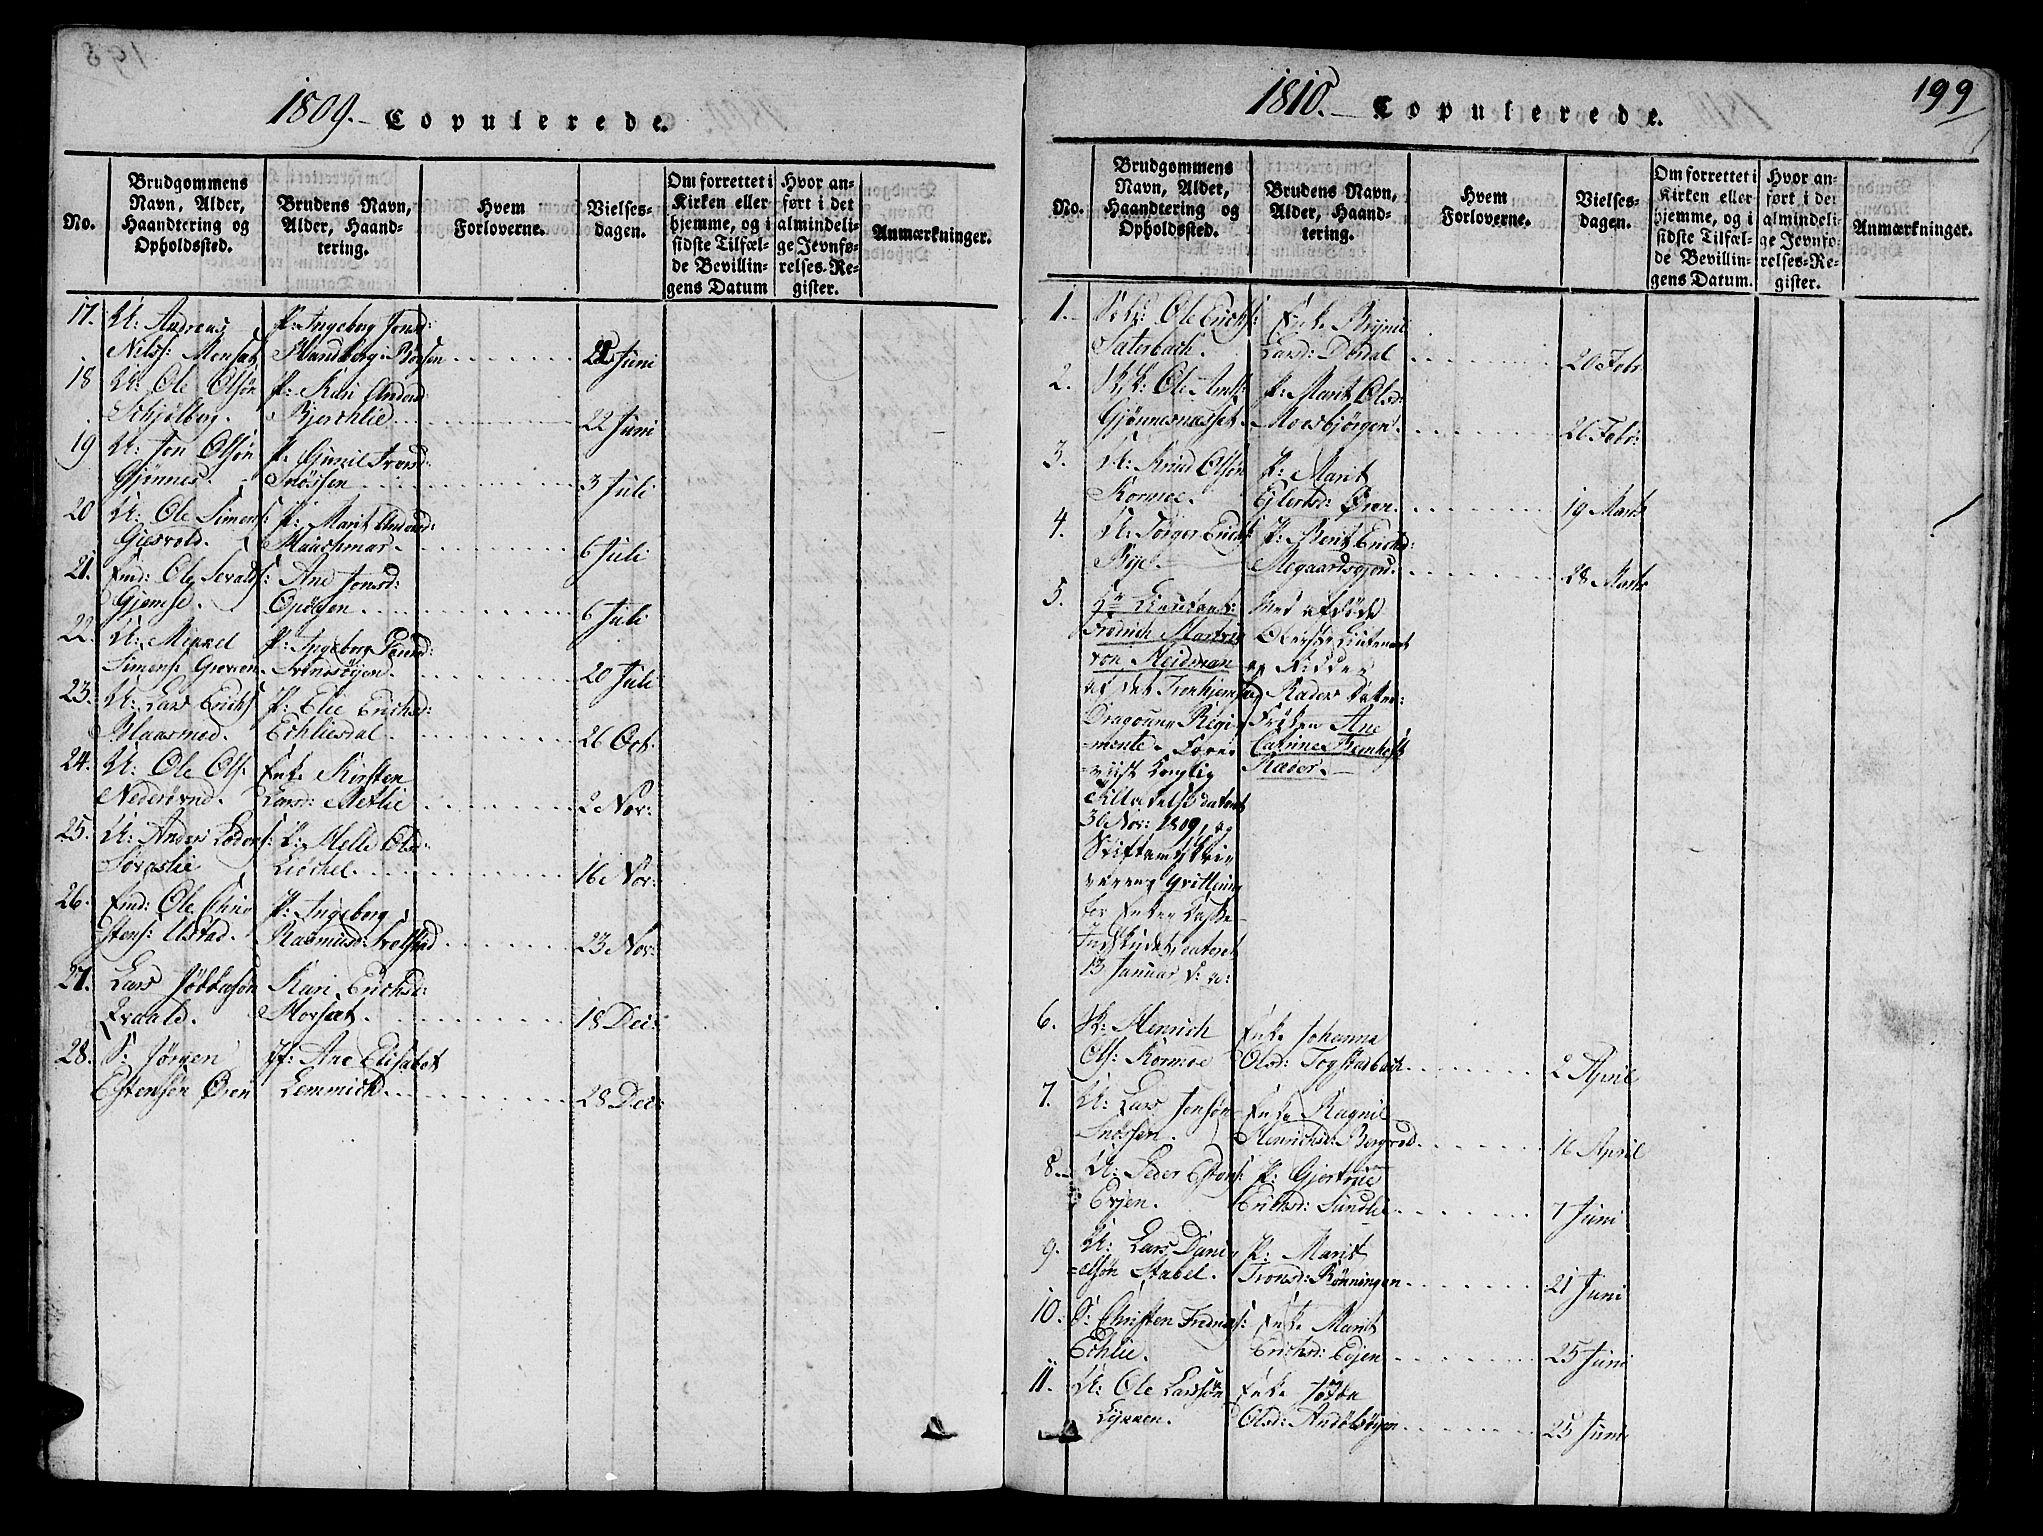 SAT, Ministerialprotokoller, klokkerbøker og fødselsregistre - Sør-Trøndelag, 668/L0803: Ministerialbok nr. 668A03, 1800-1826, s. 199